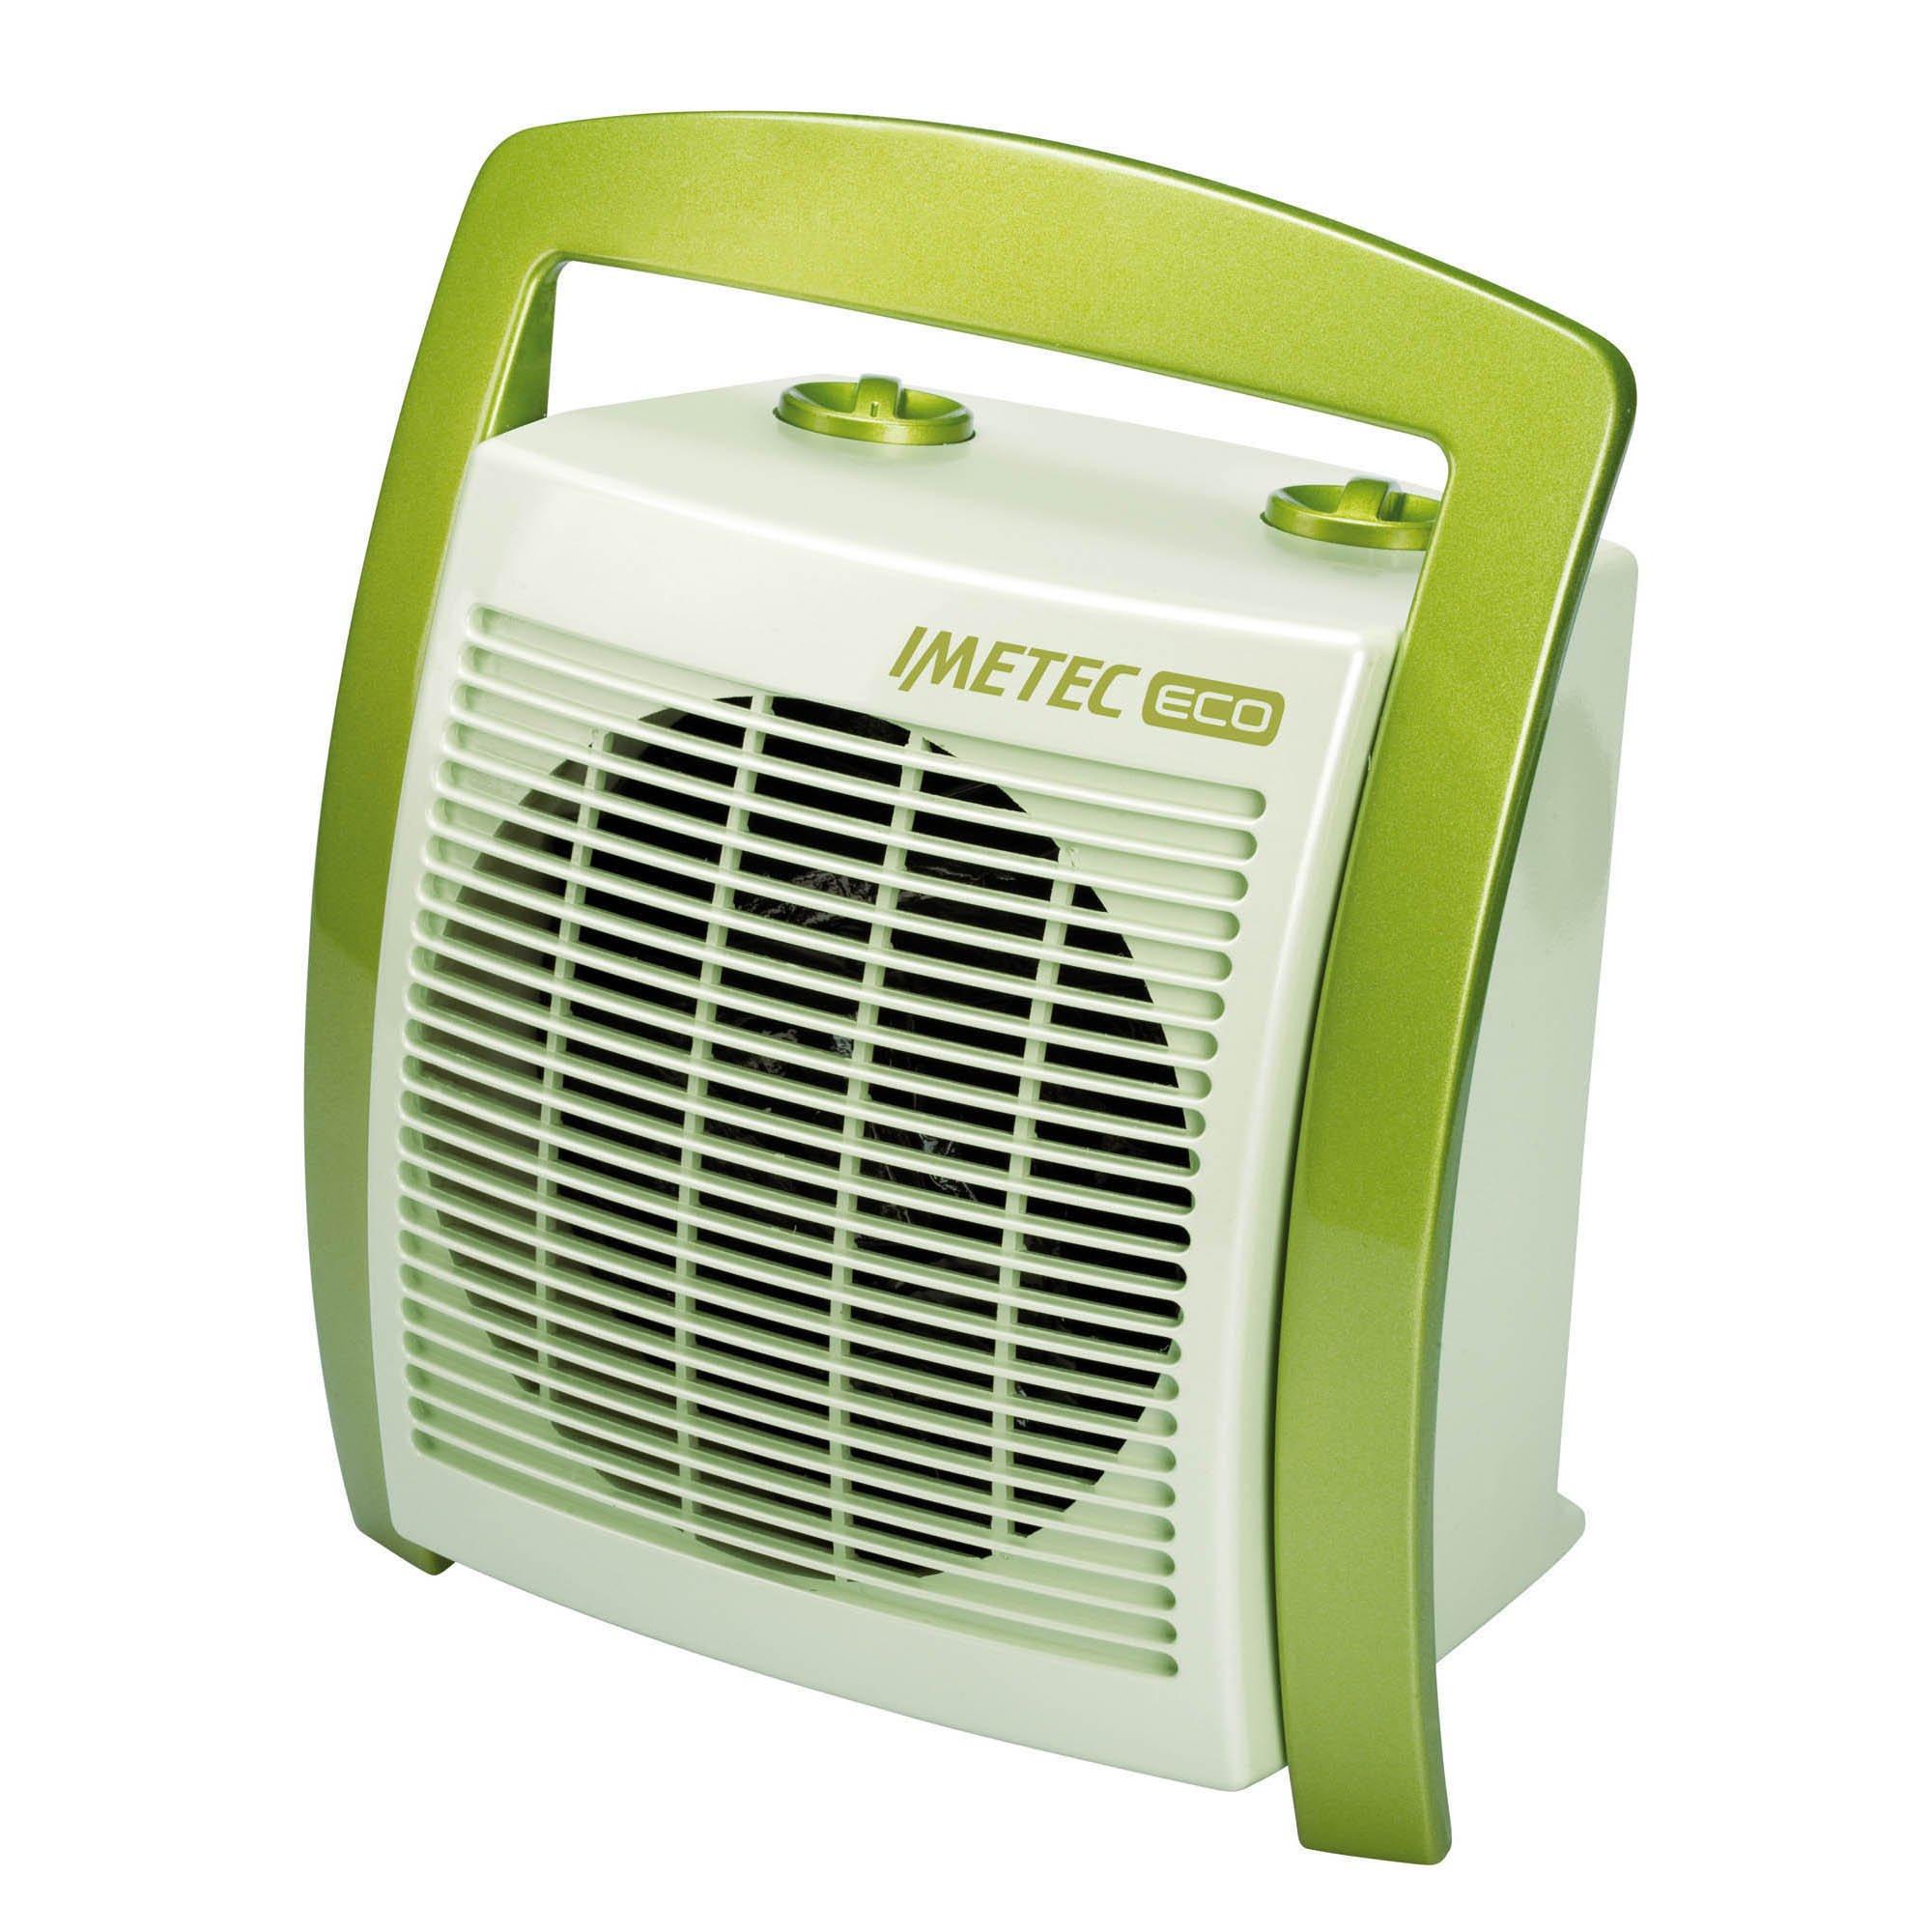 Imetec Eco Fh4 300.Termostato Ambiente Imetec Eco Silent Diffusion Fh4 300